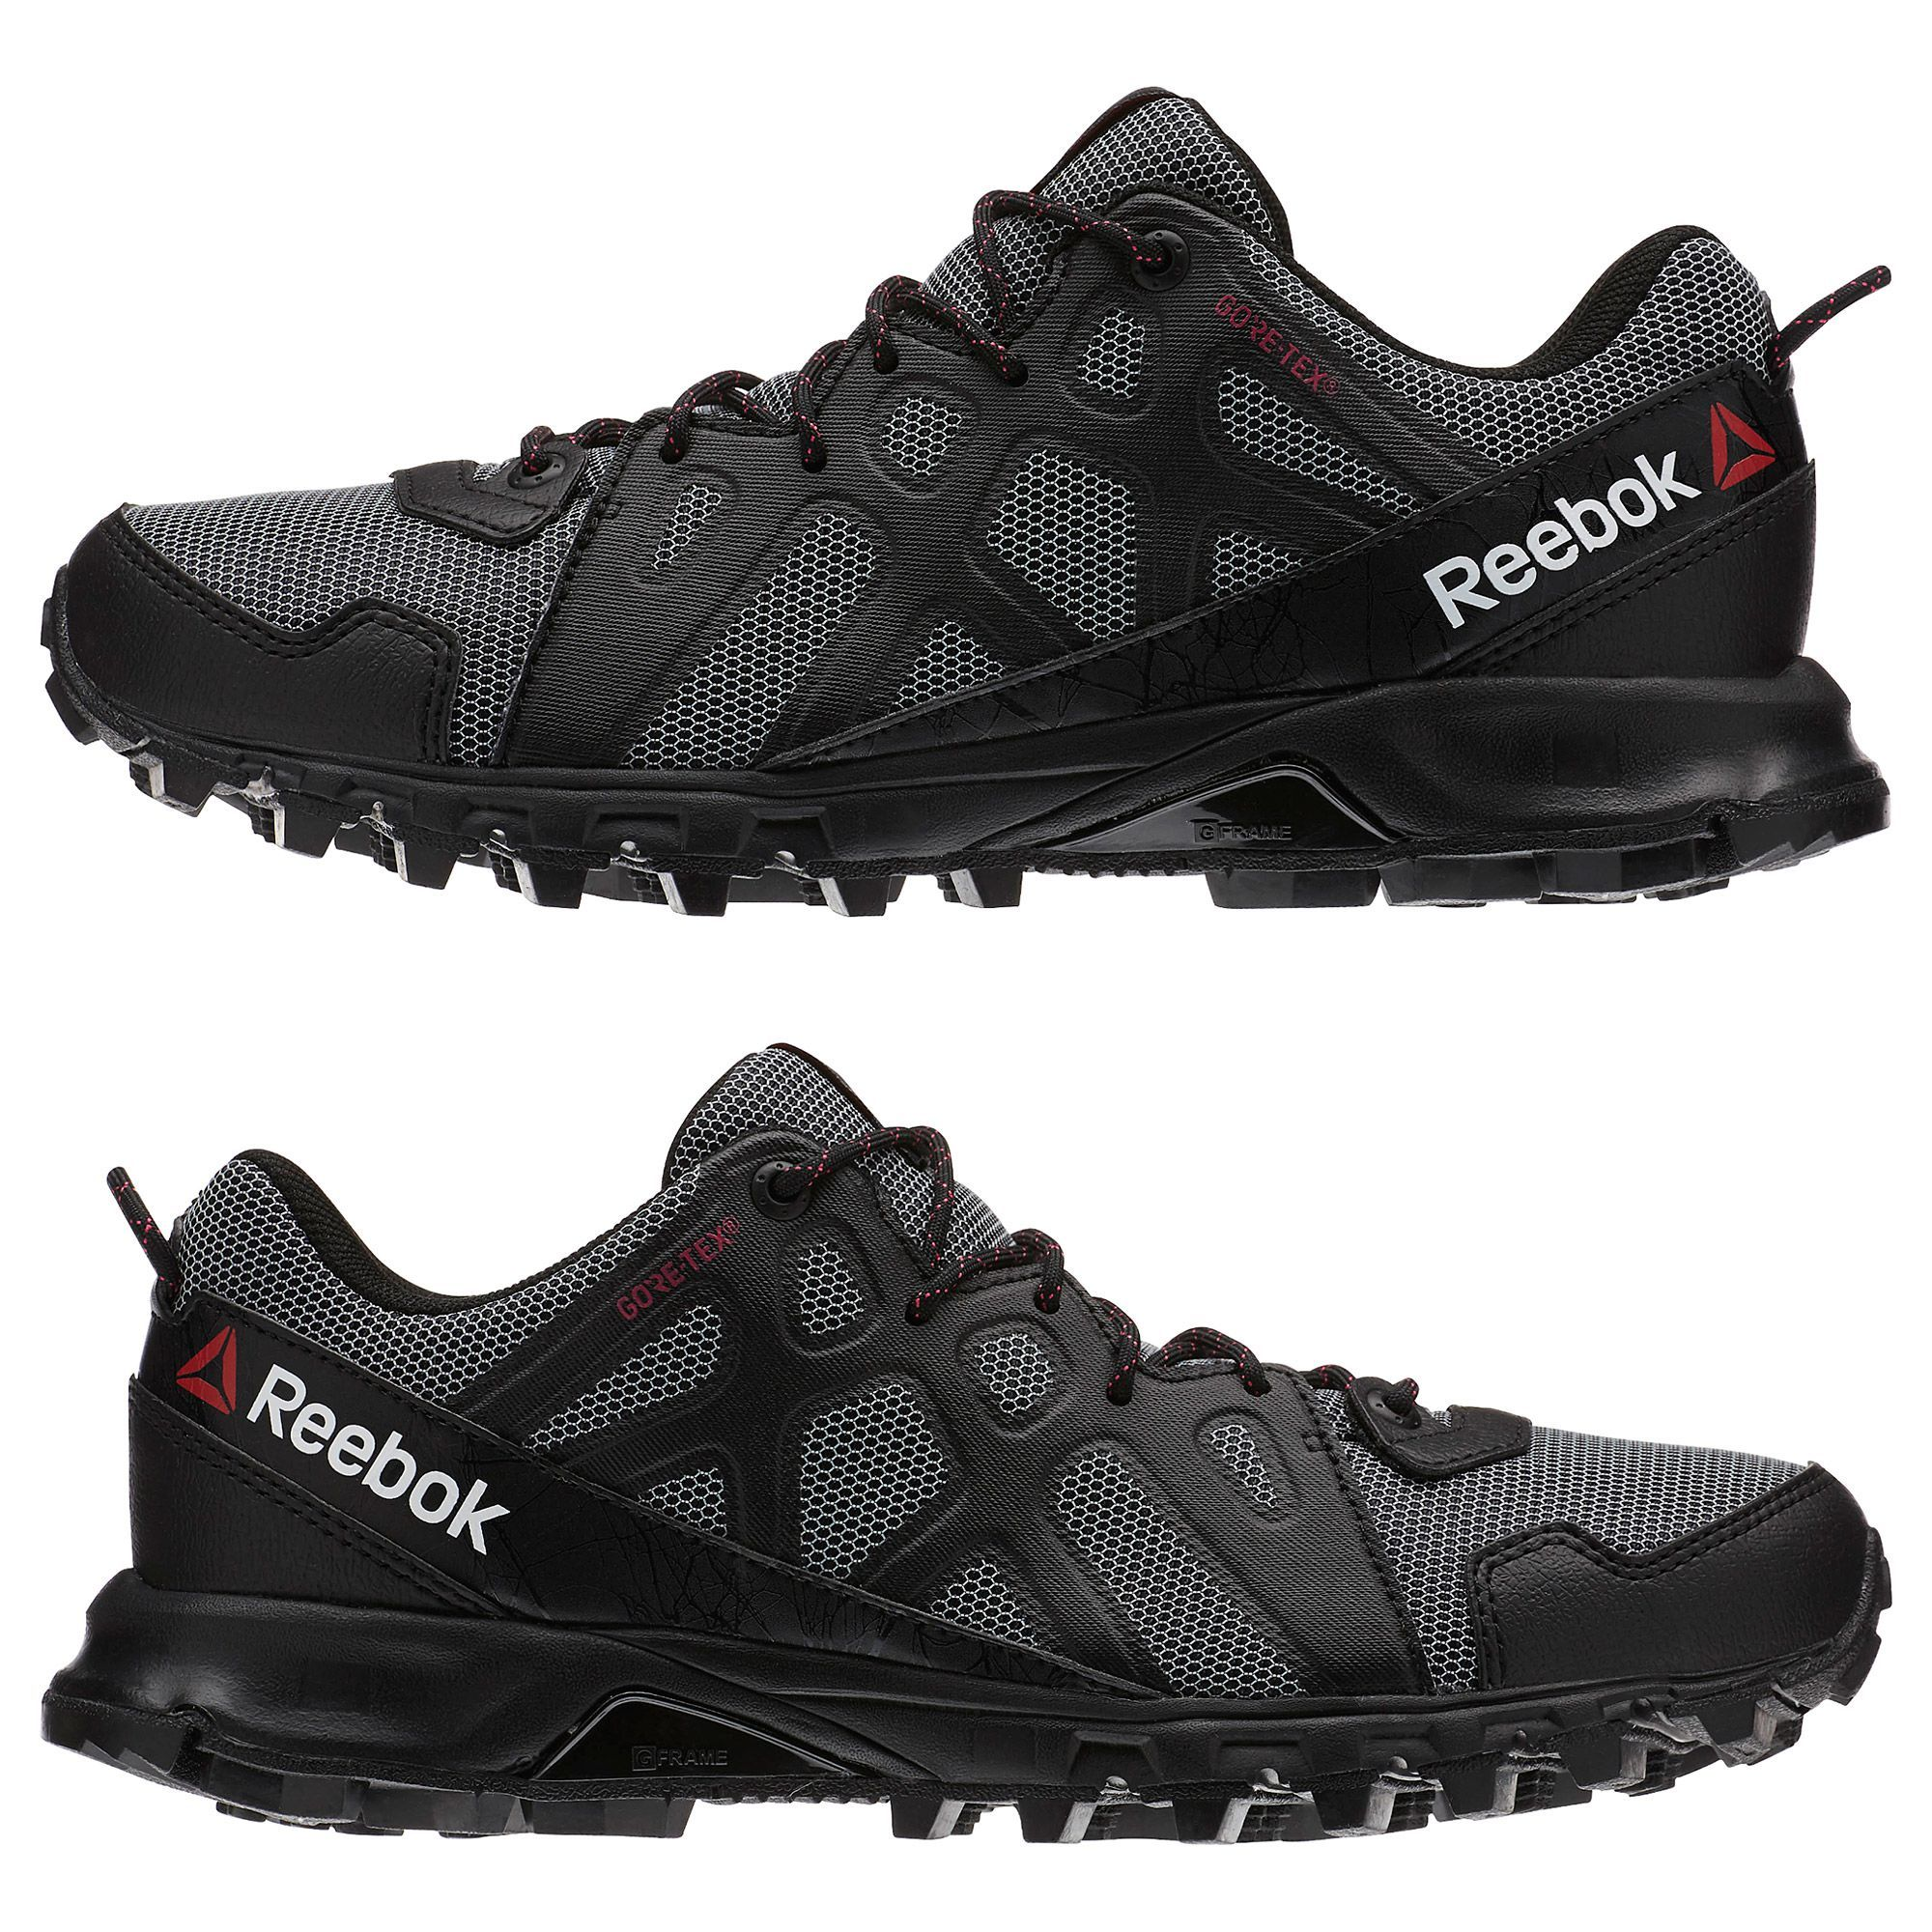 black reebok shoes, Reebok Sawcut 4.0